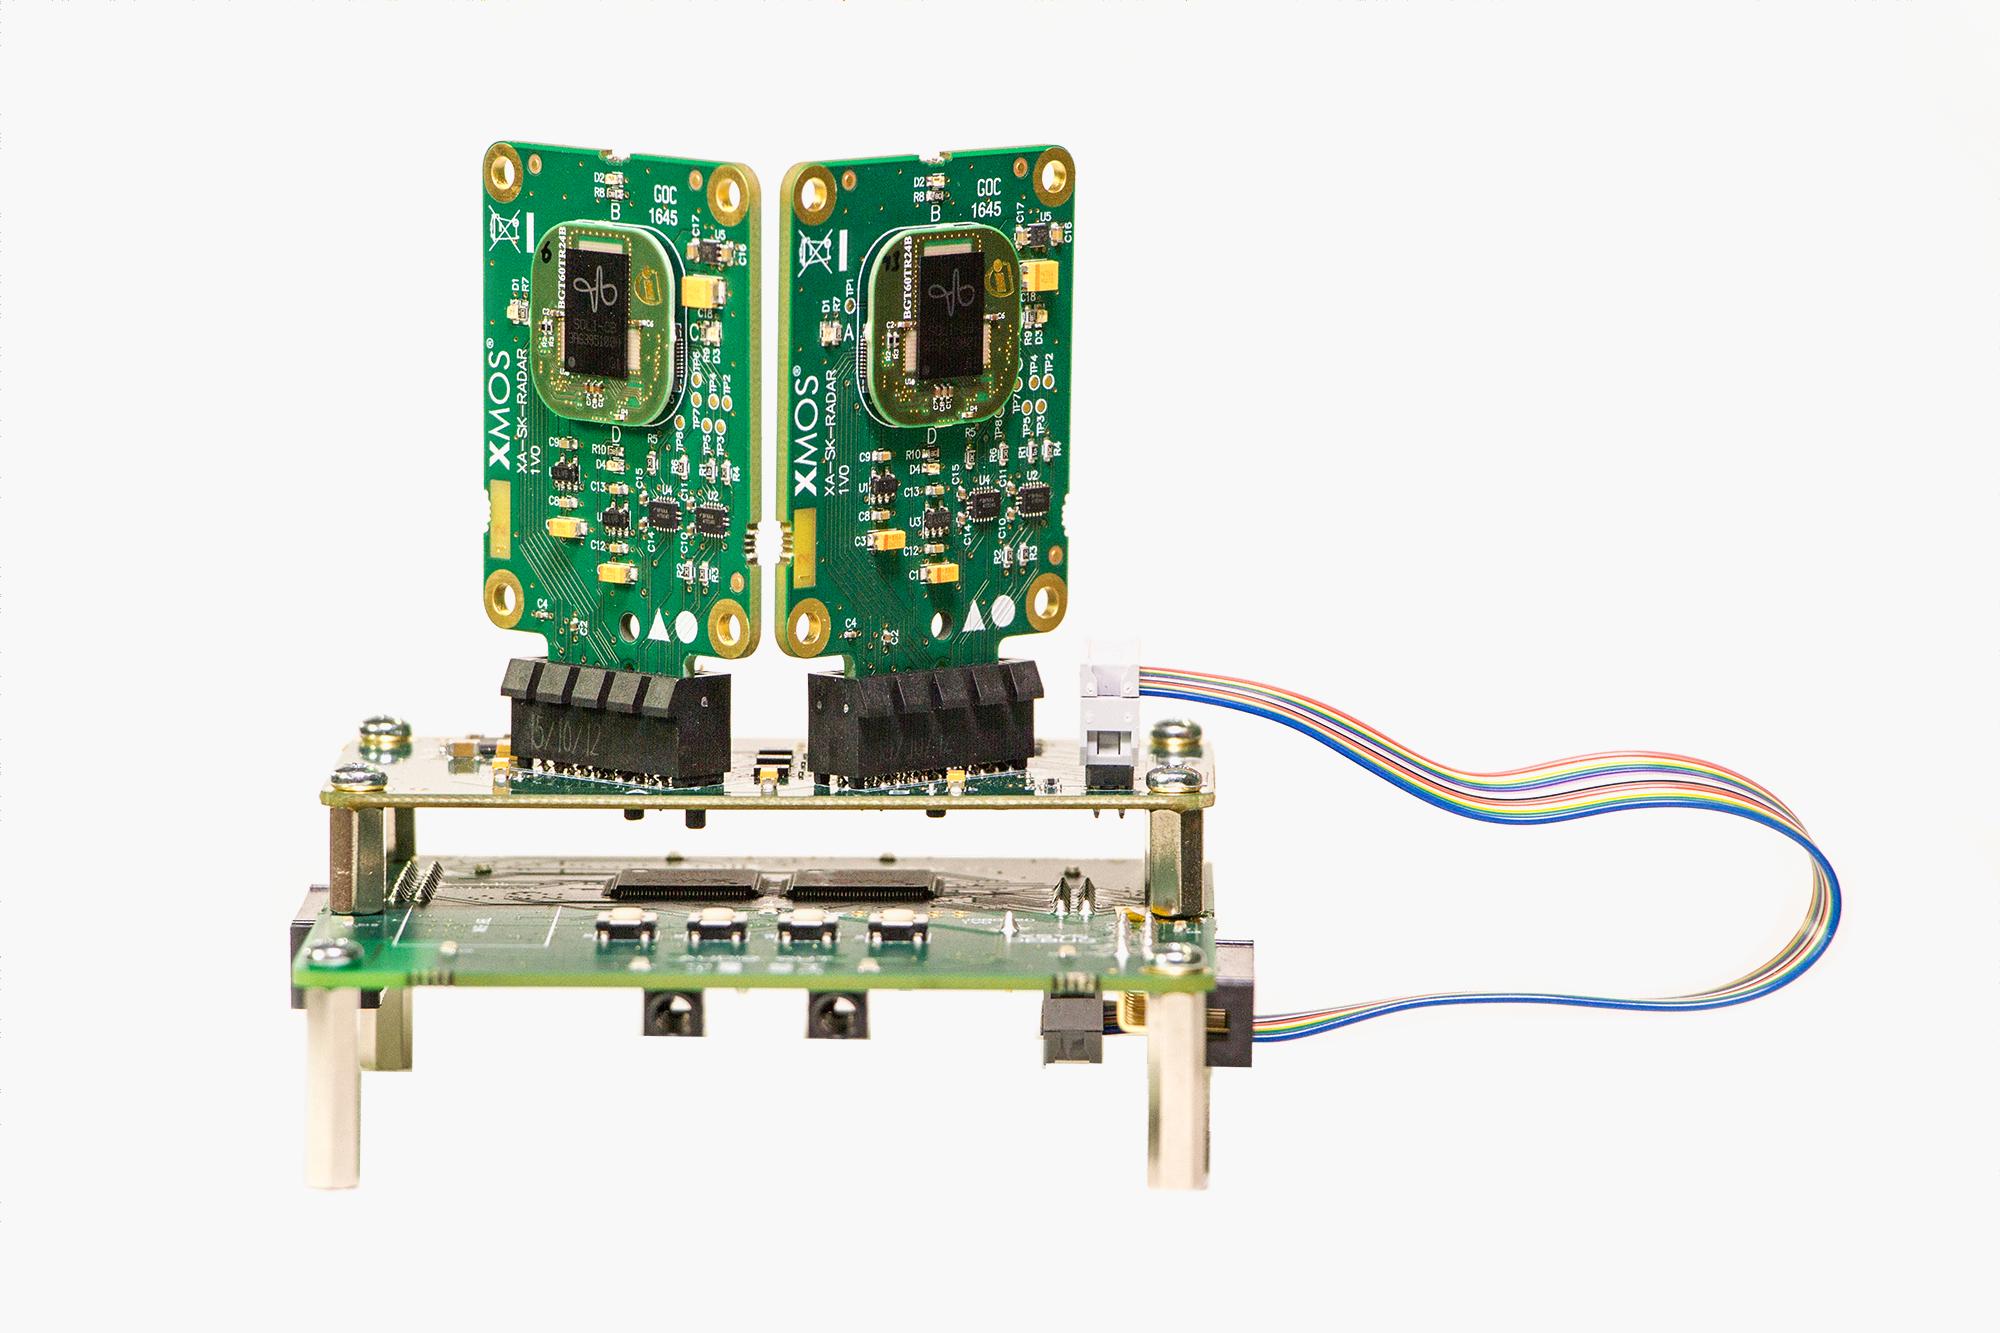 雷达和MEMS麦克风结合音频处理器实现无与伦比的语音识别